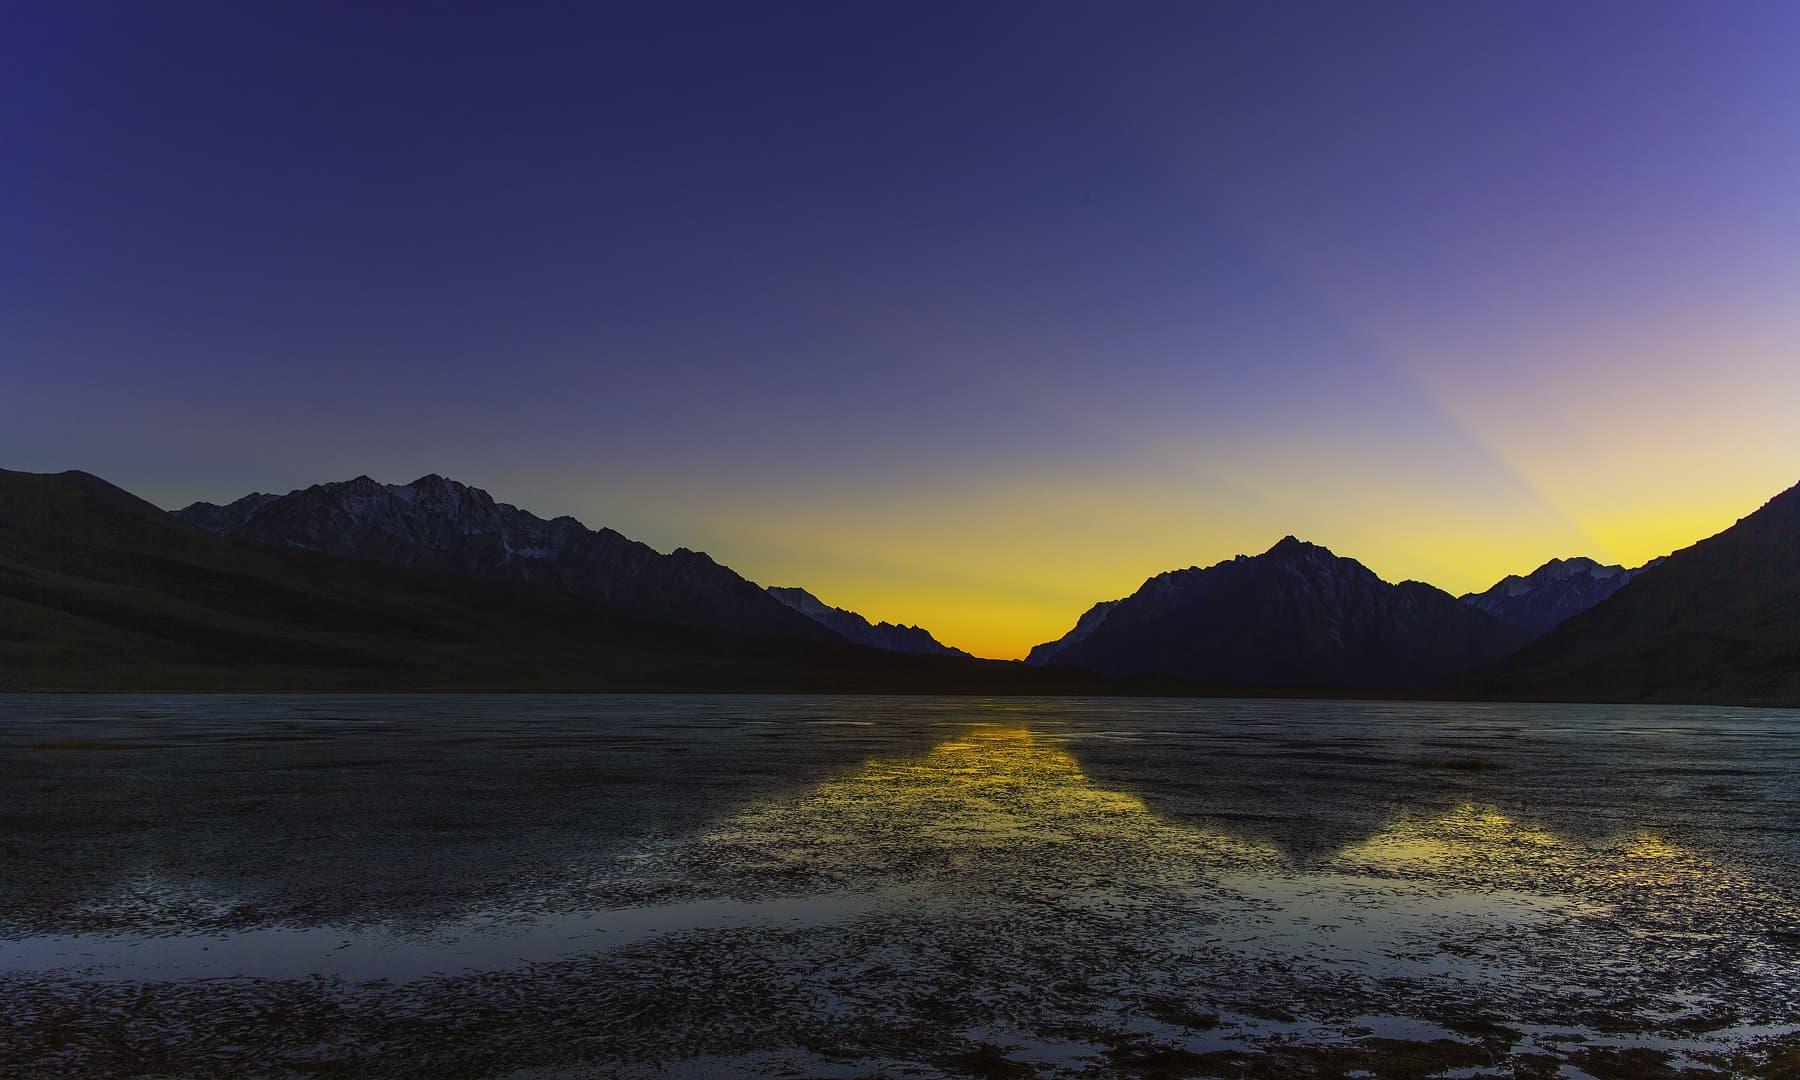 شندور جھیل پر غروبِ آفتاب— سید مہدی بخاری